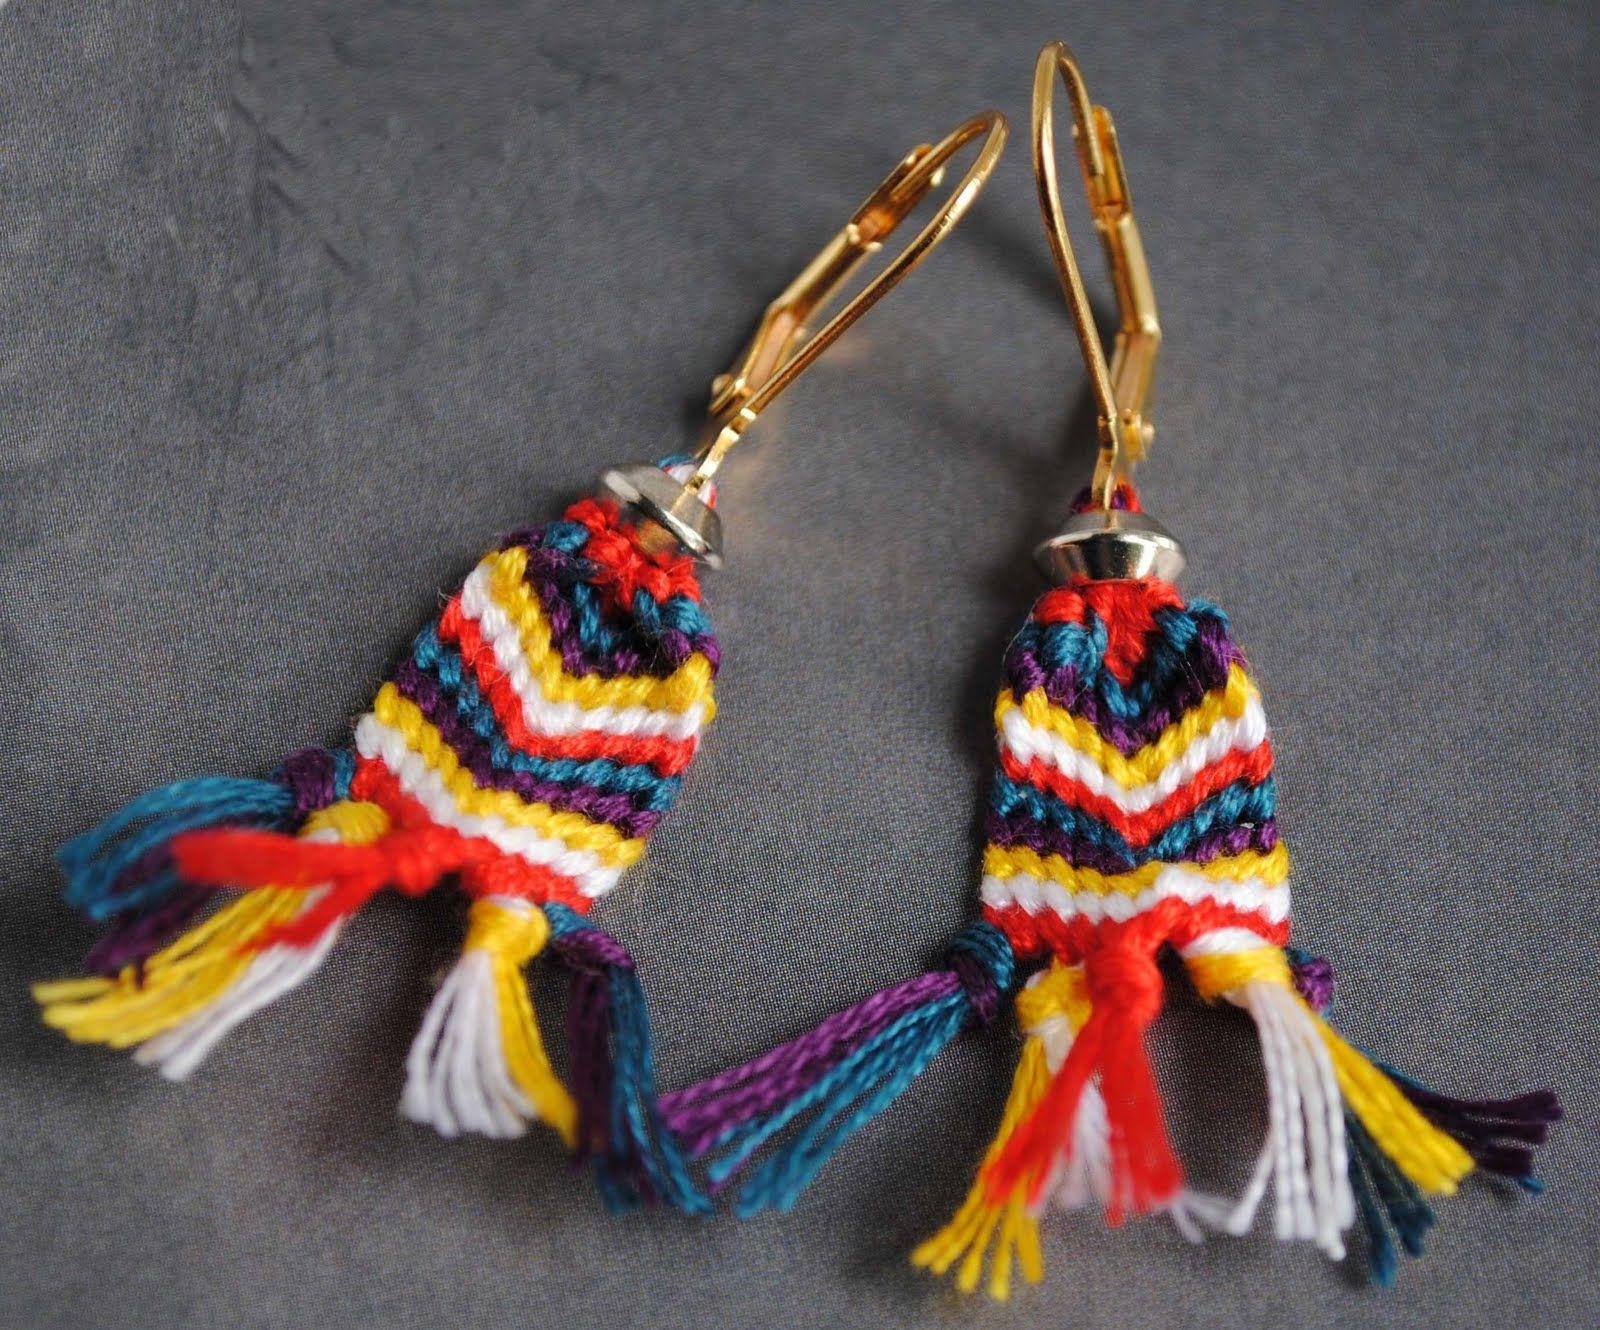 belle id e de faire des mini morceaux de bracelets br siliens en boucle d 39 oreilles cool crafts. Black Bedroom Furniture Sets. Home Design Ideas